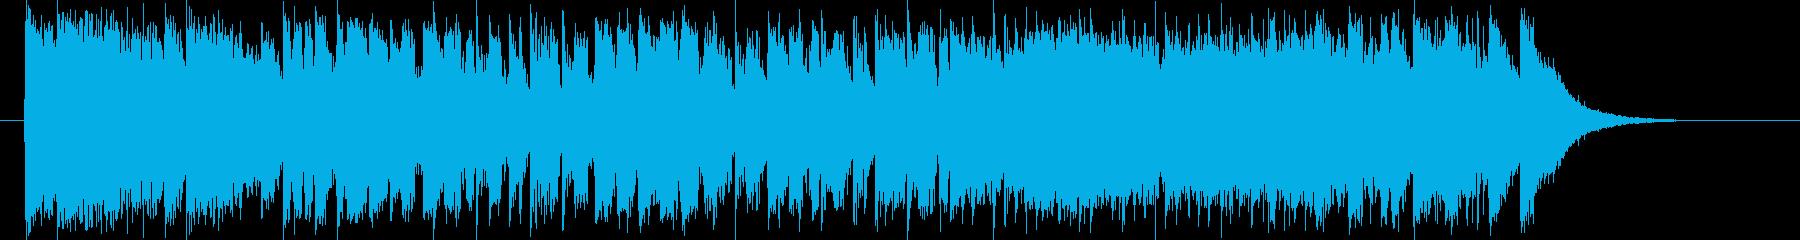 80年代風シンセのアップテンポなポップスの再生済みの波形